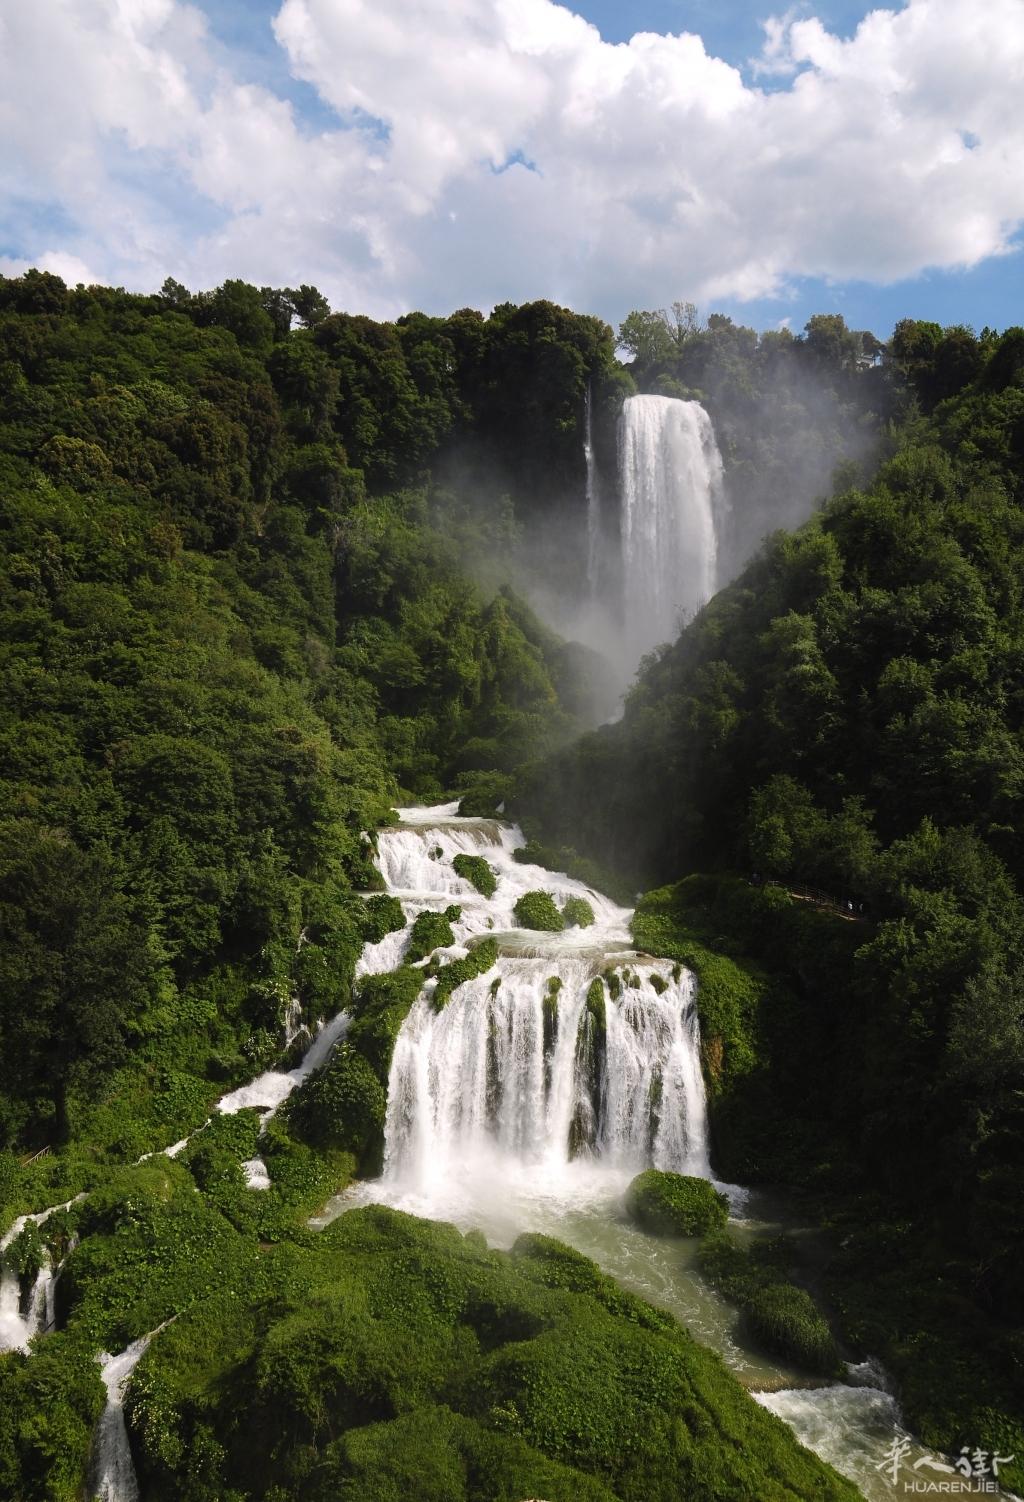 6月29日一起去欧洲最大的人工瀑布看看[罗马]